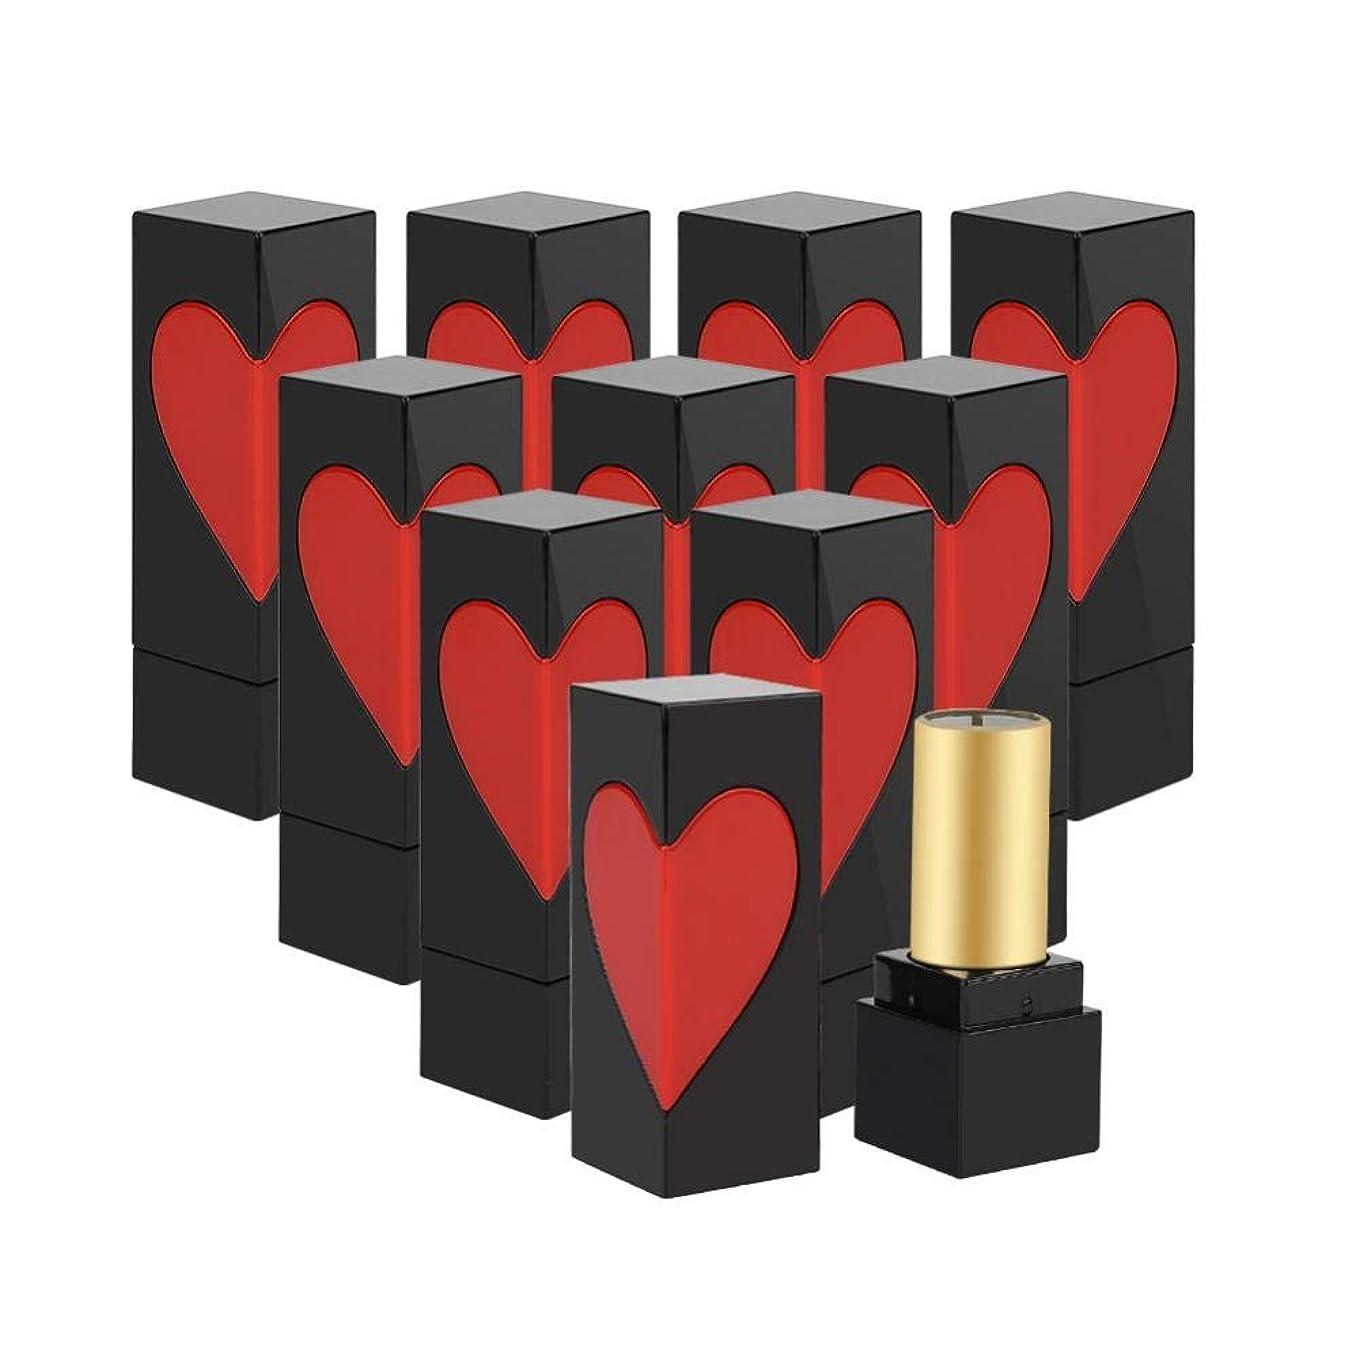 宇宙船費やす並外れて空口紅チューブ、かわいい 手作りリップスティックコンテナ 美しい外観 プラスチック製 口紅チューブ用 DIY用 2スタイル選べる(10枚)